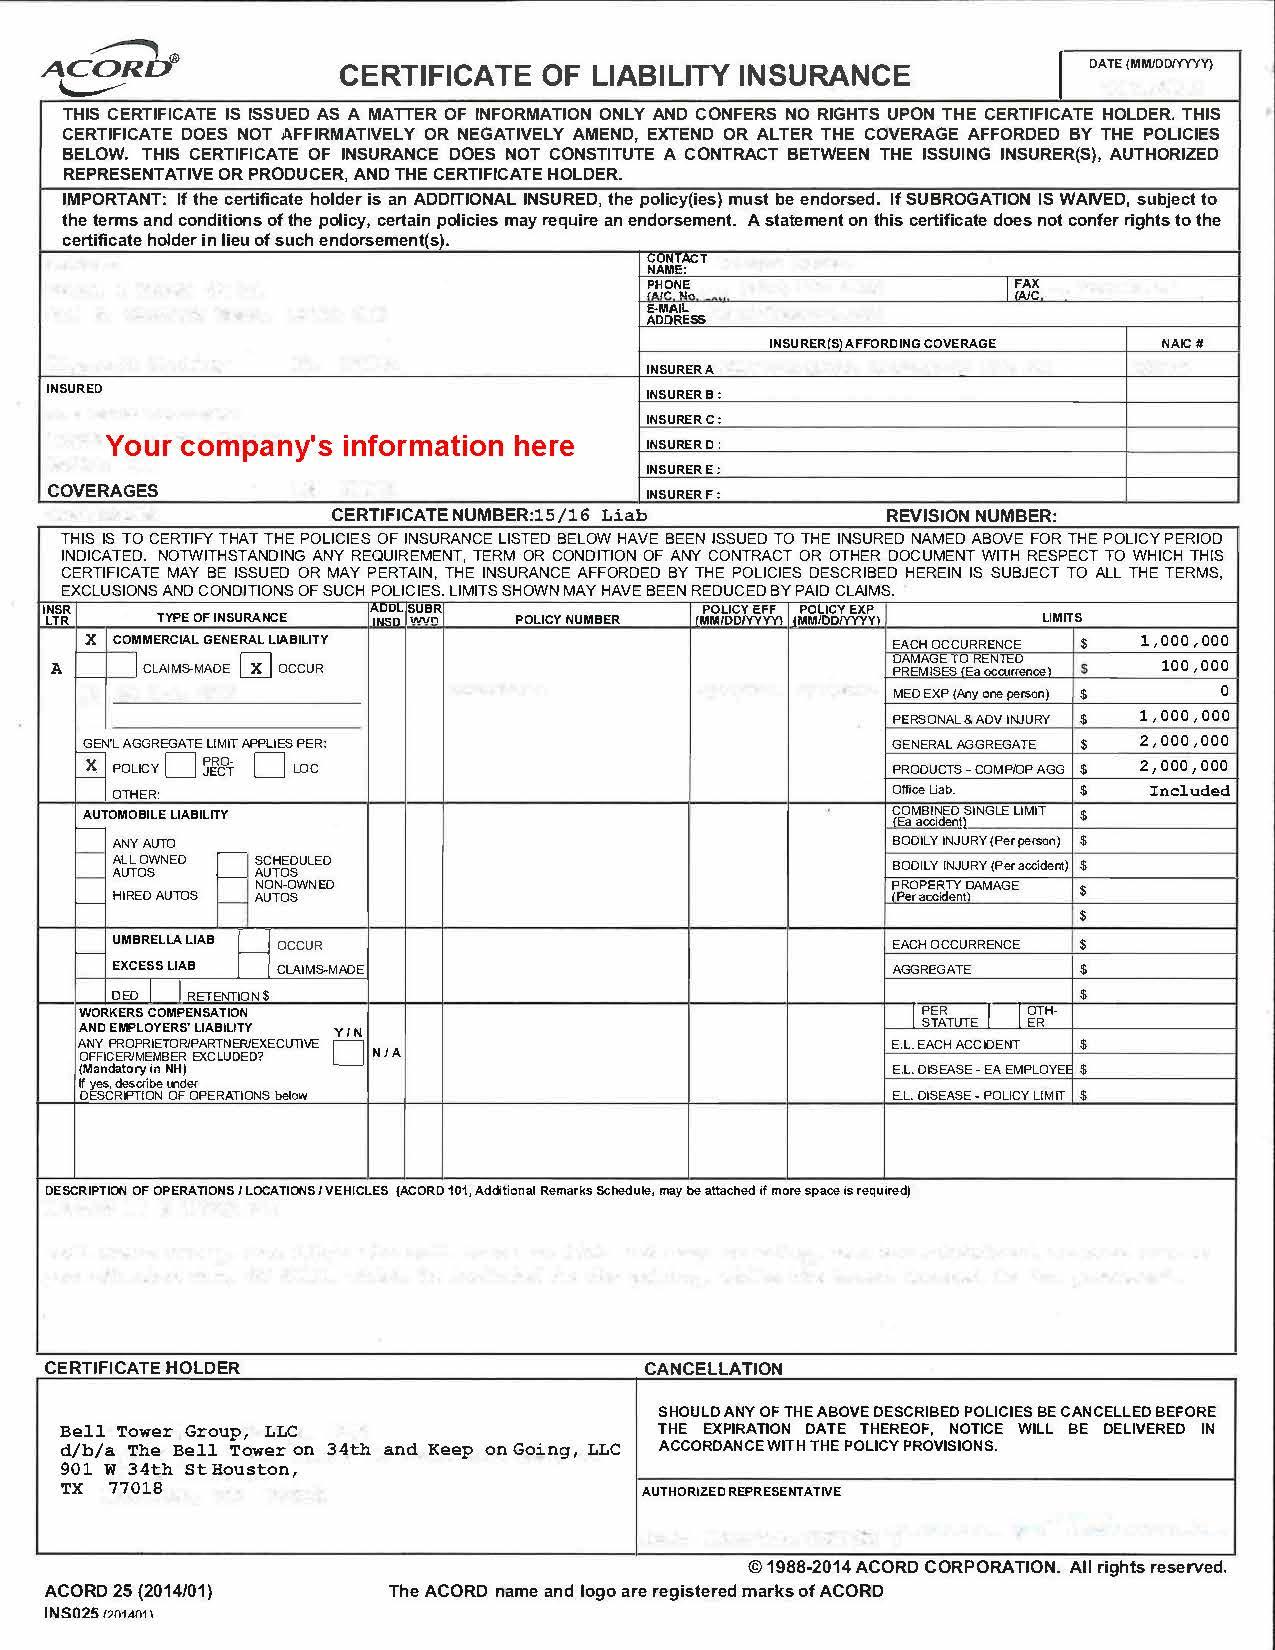 Blank+Certificate+of+Liability+Form.jpg